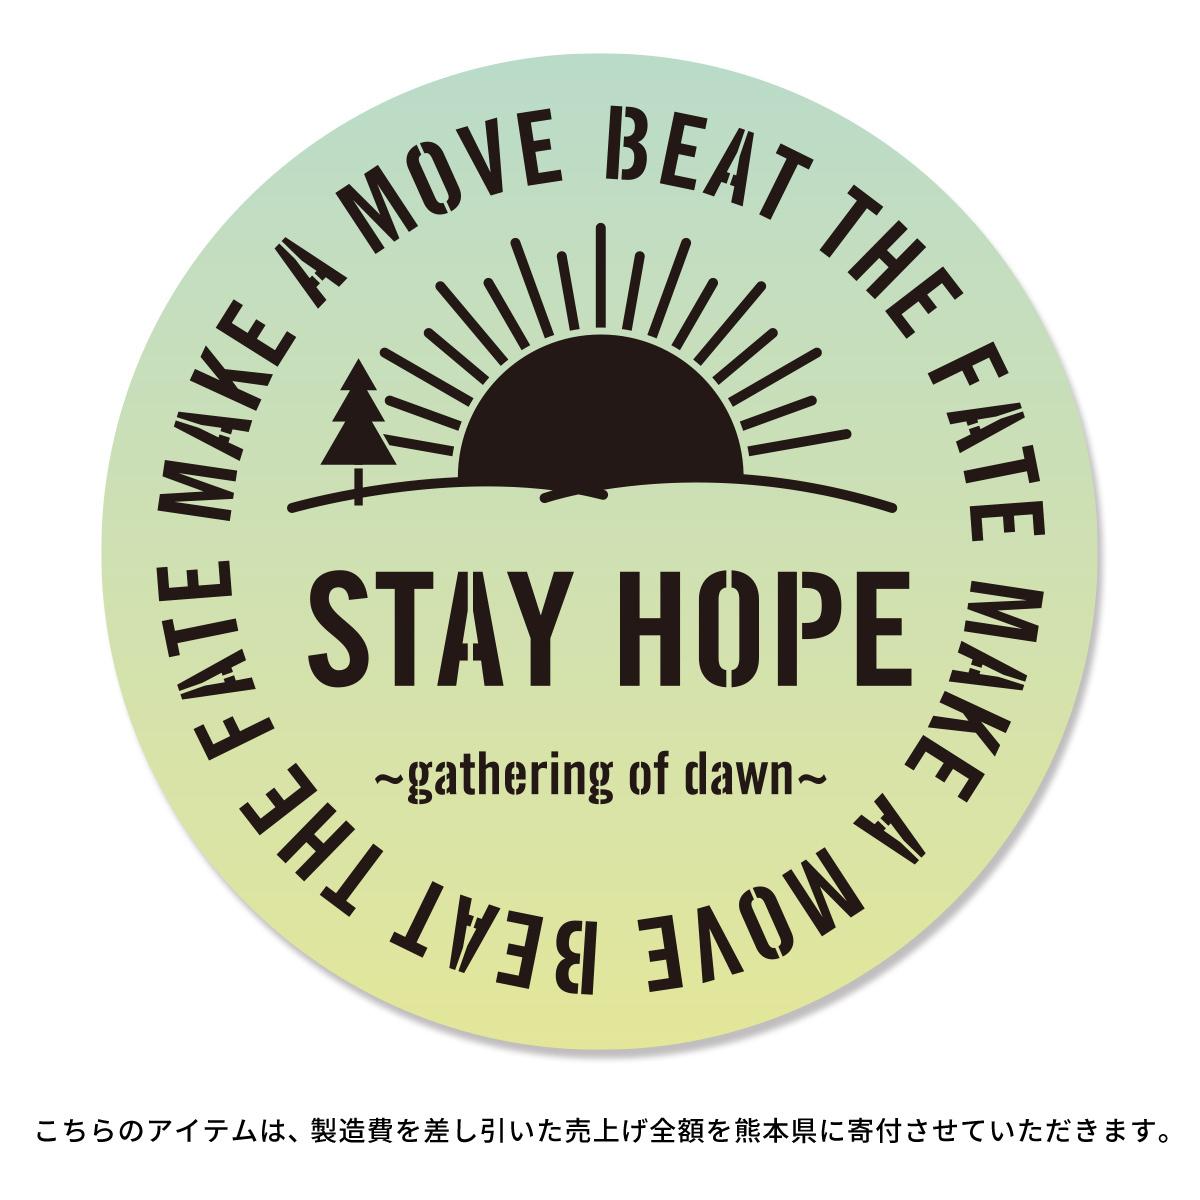 STAY HOPEステッカー